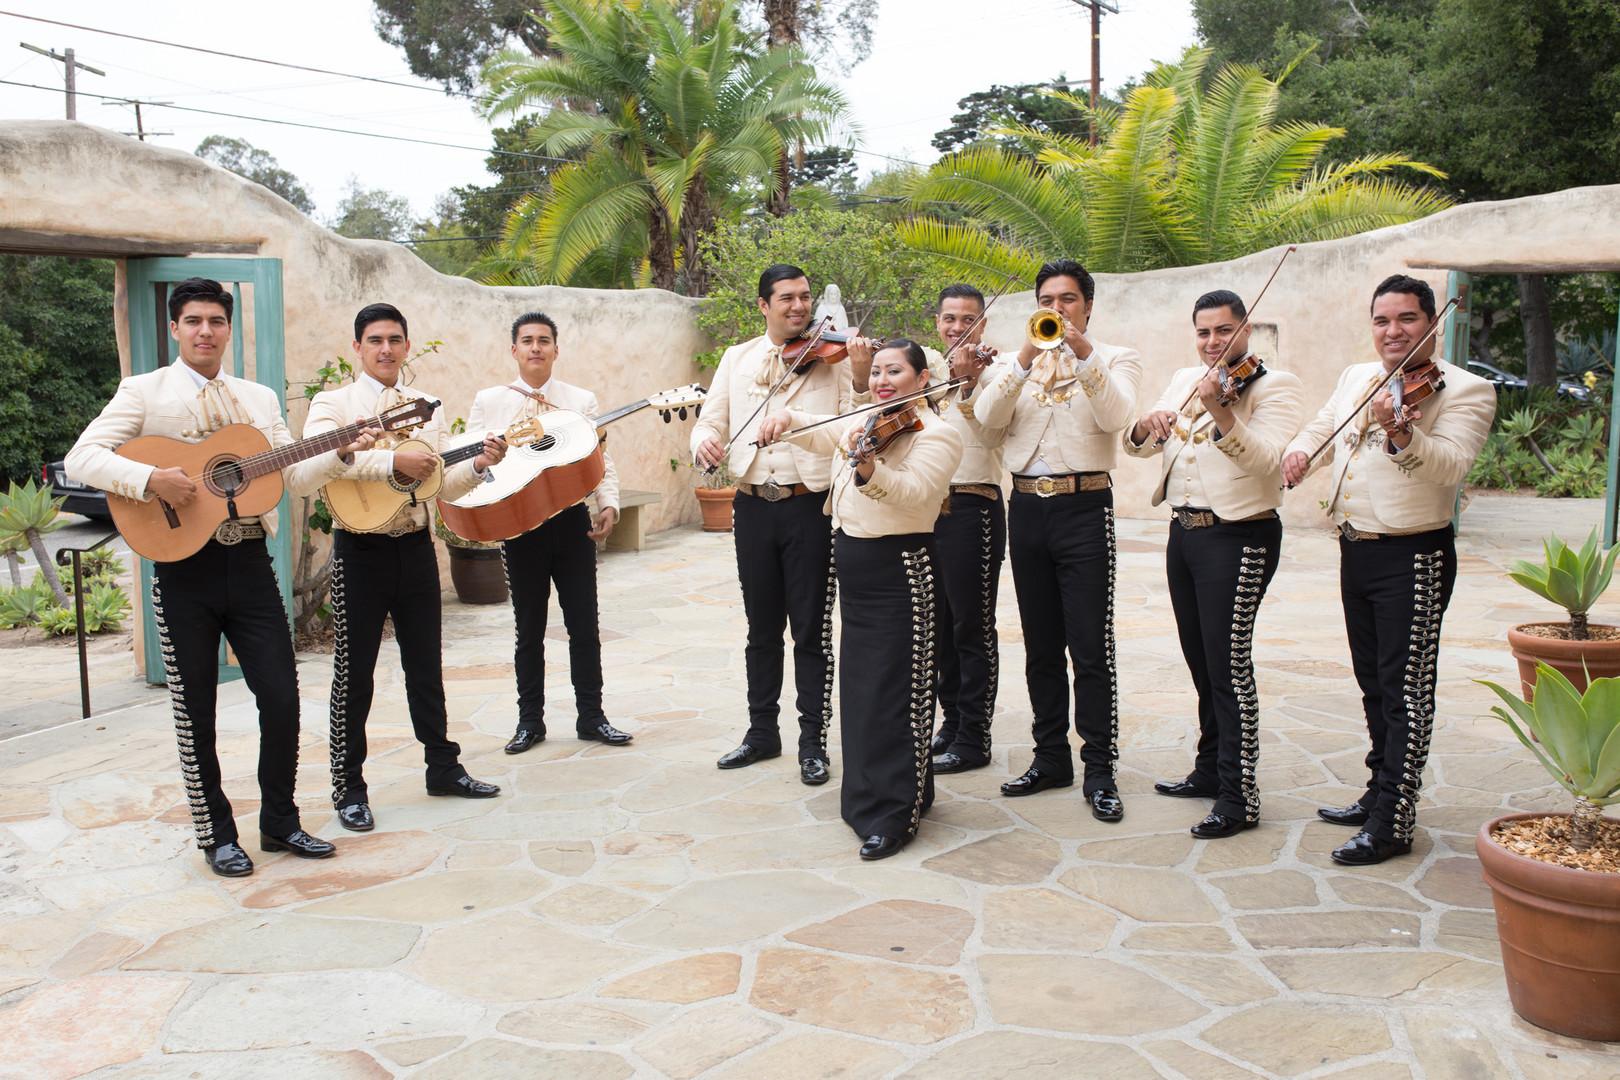 www.santabarbarawedding.com   The Big Affair   Our Lady of Mount Carmel   Mariachi Band